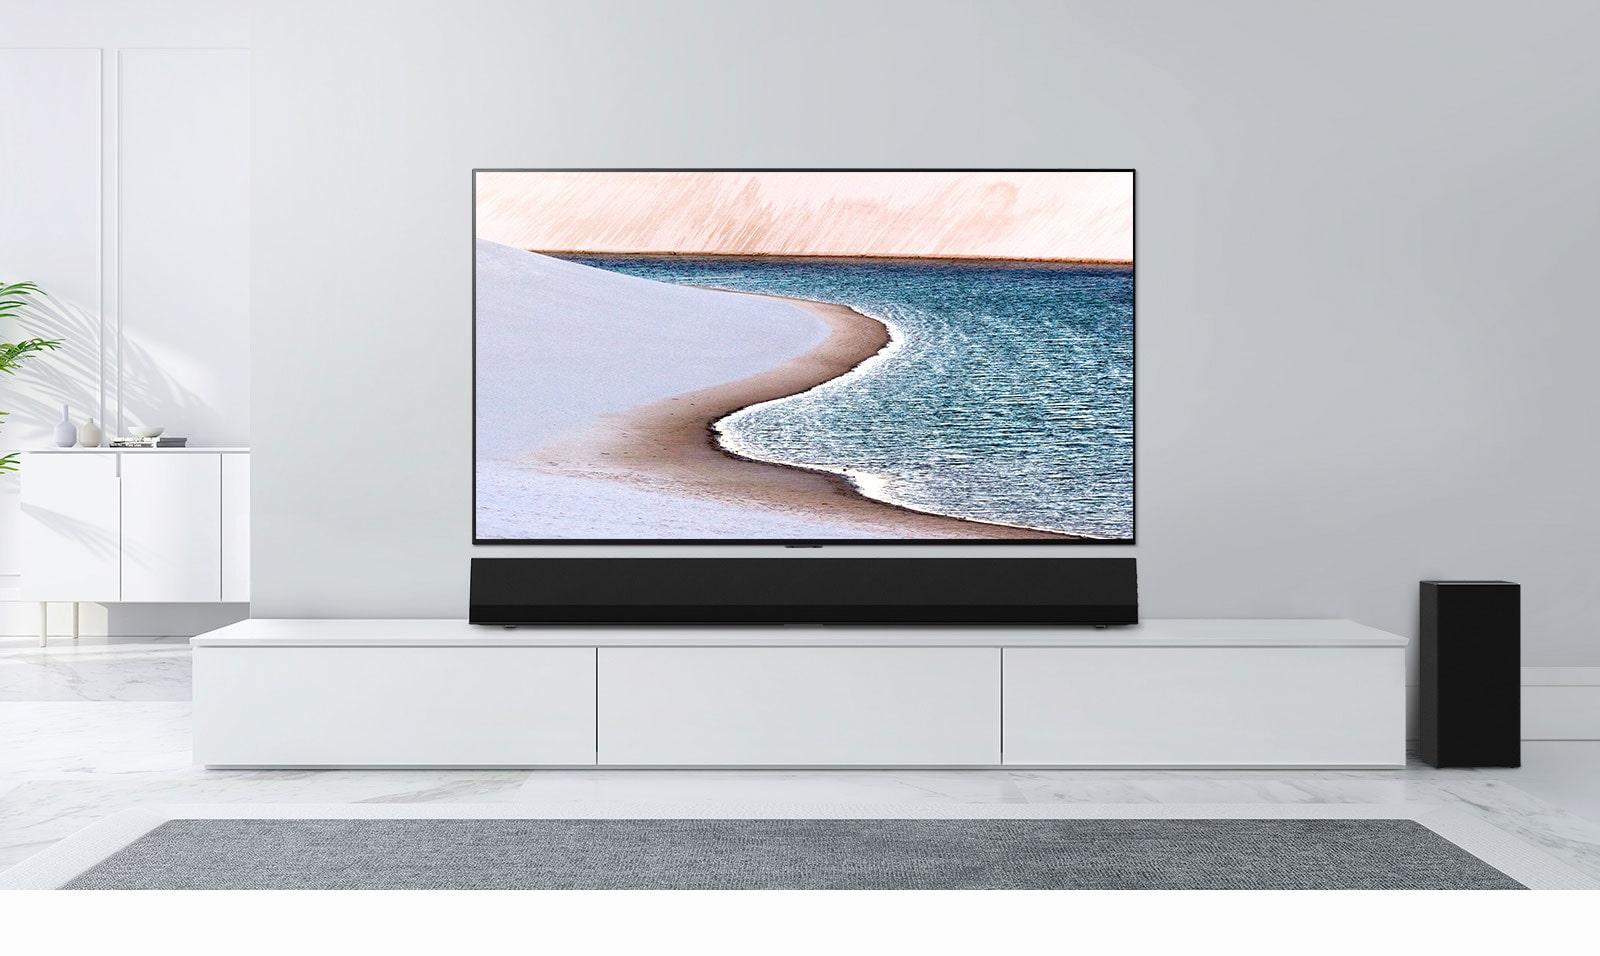 Na svetlo sivi steni je nameščen televizor.  LG Soundbar je pod njim na beli omari.  Televizor prikazuje plažo.